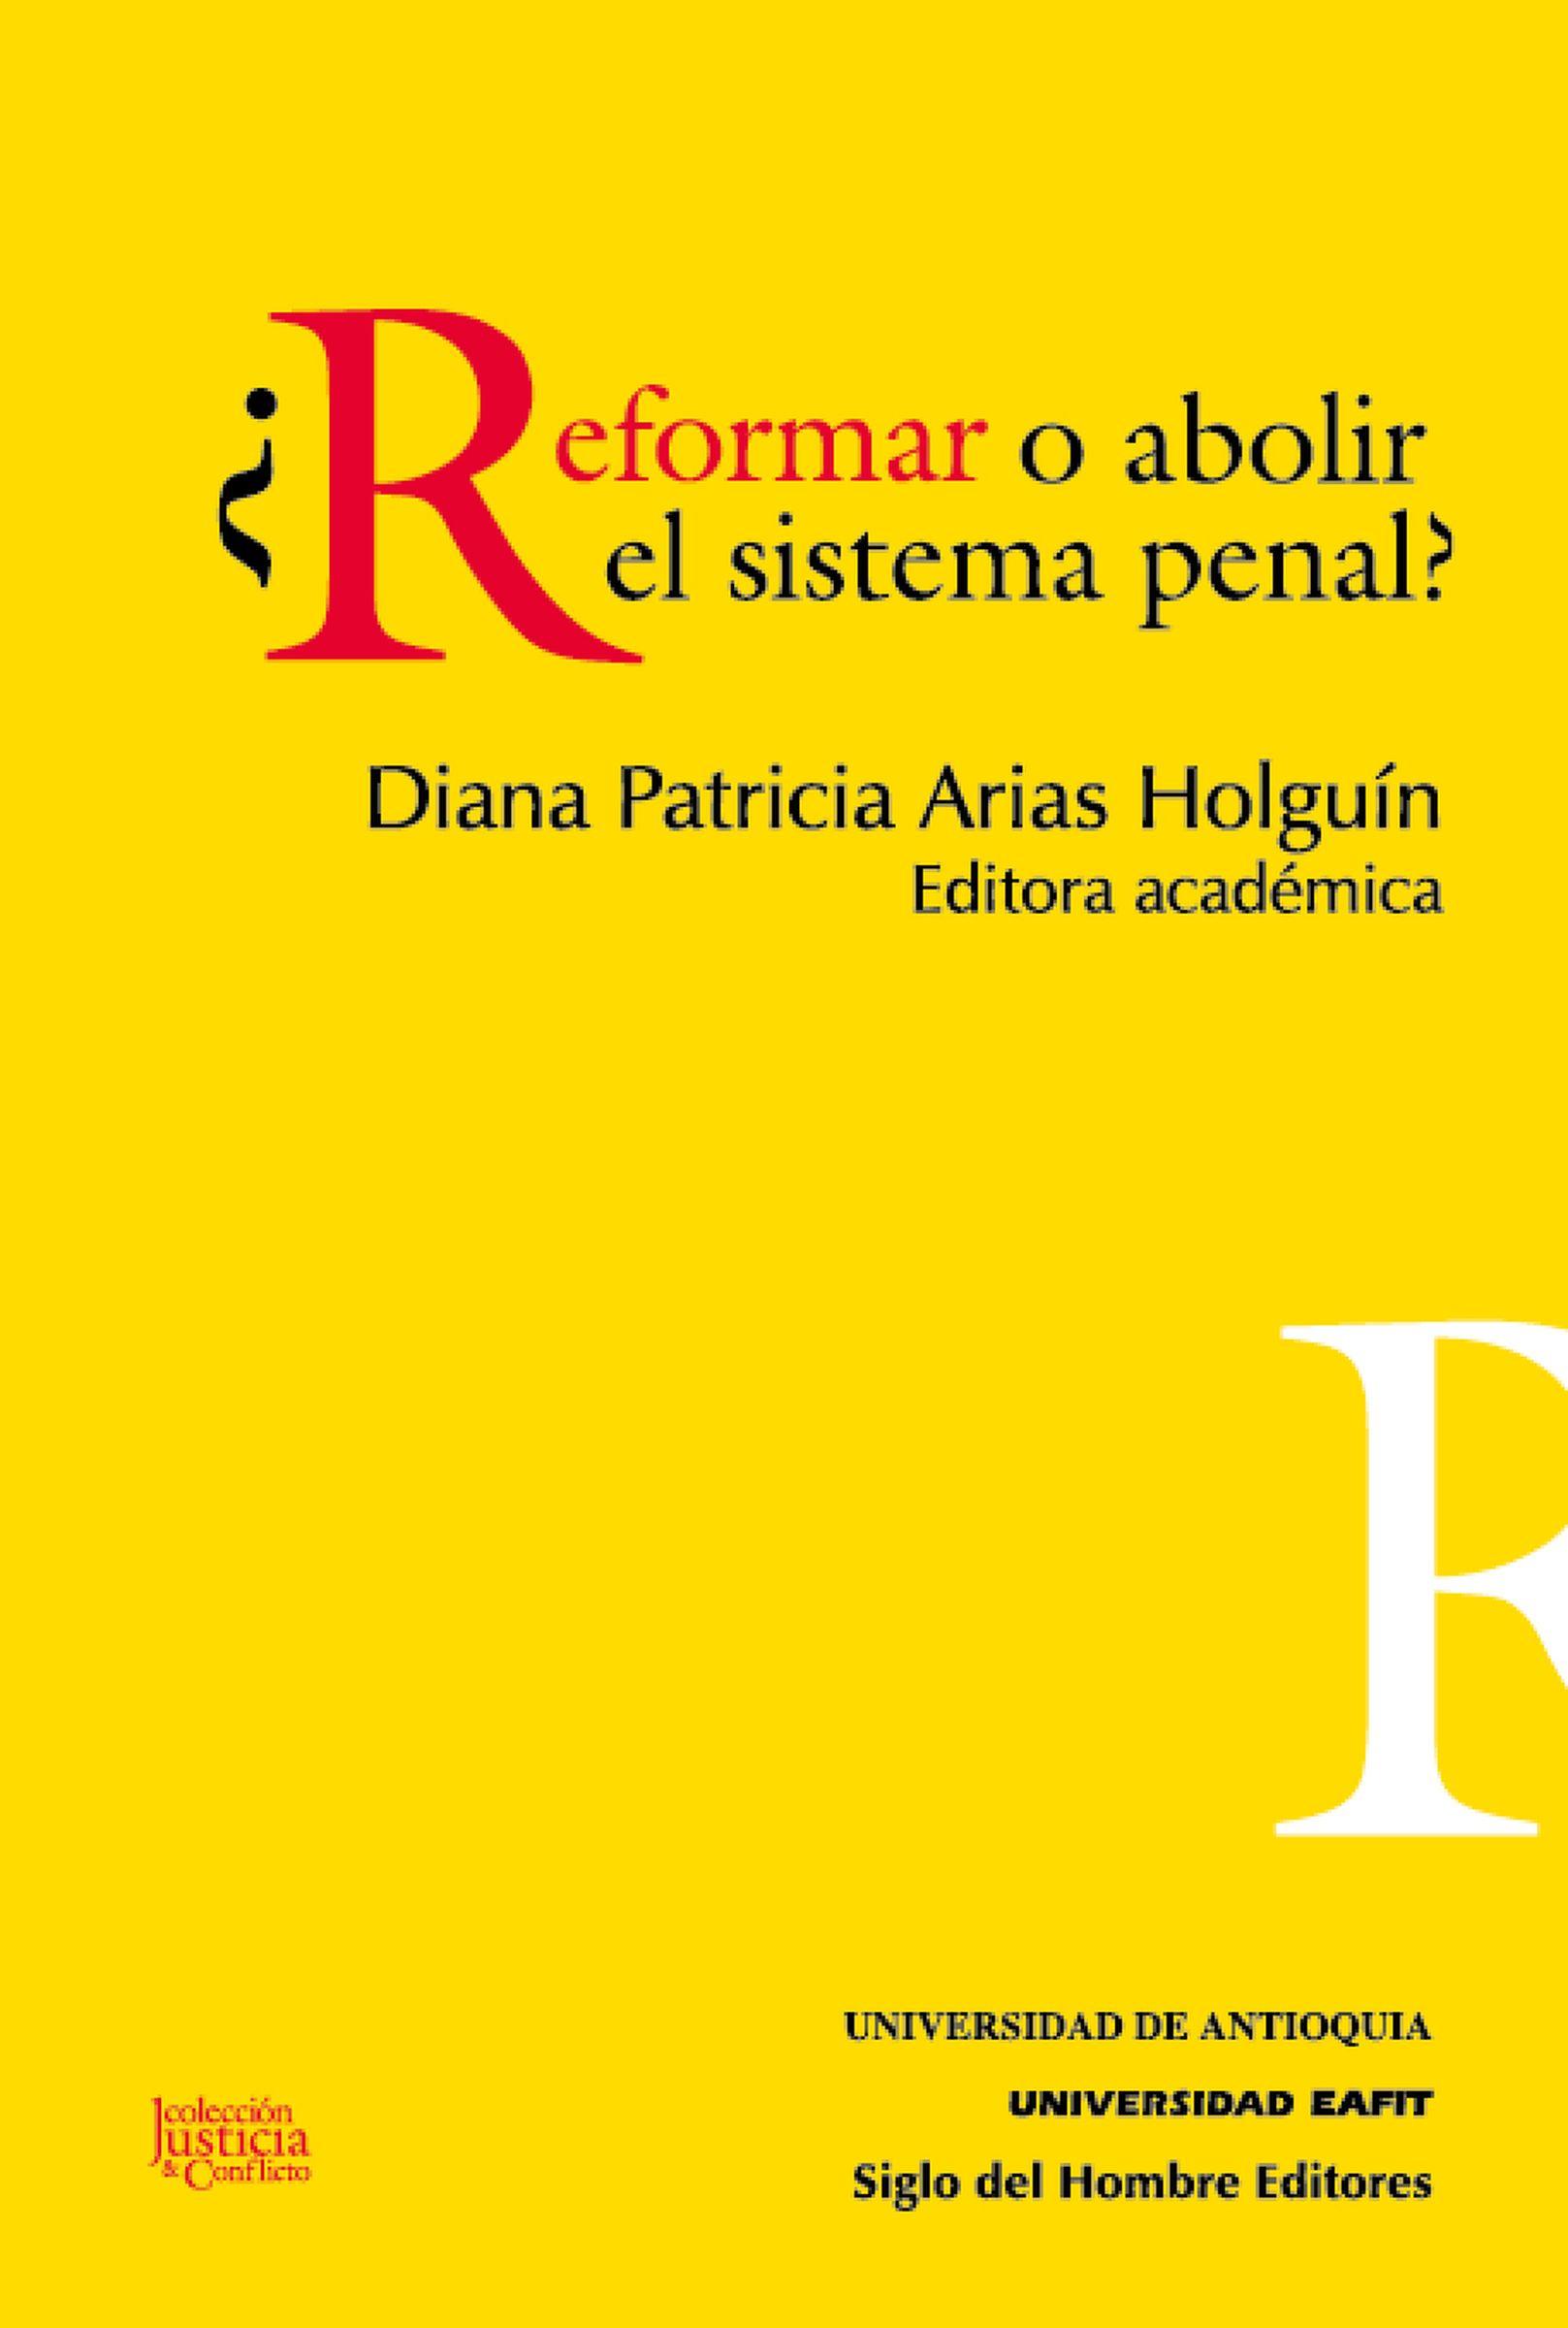 Diana Patricia Arias Holguin ¿Reformar o abolir el sistema penal? el sistema